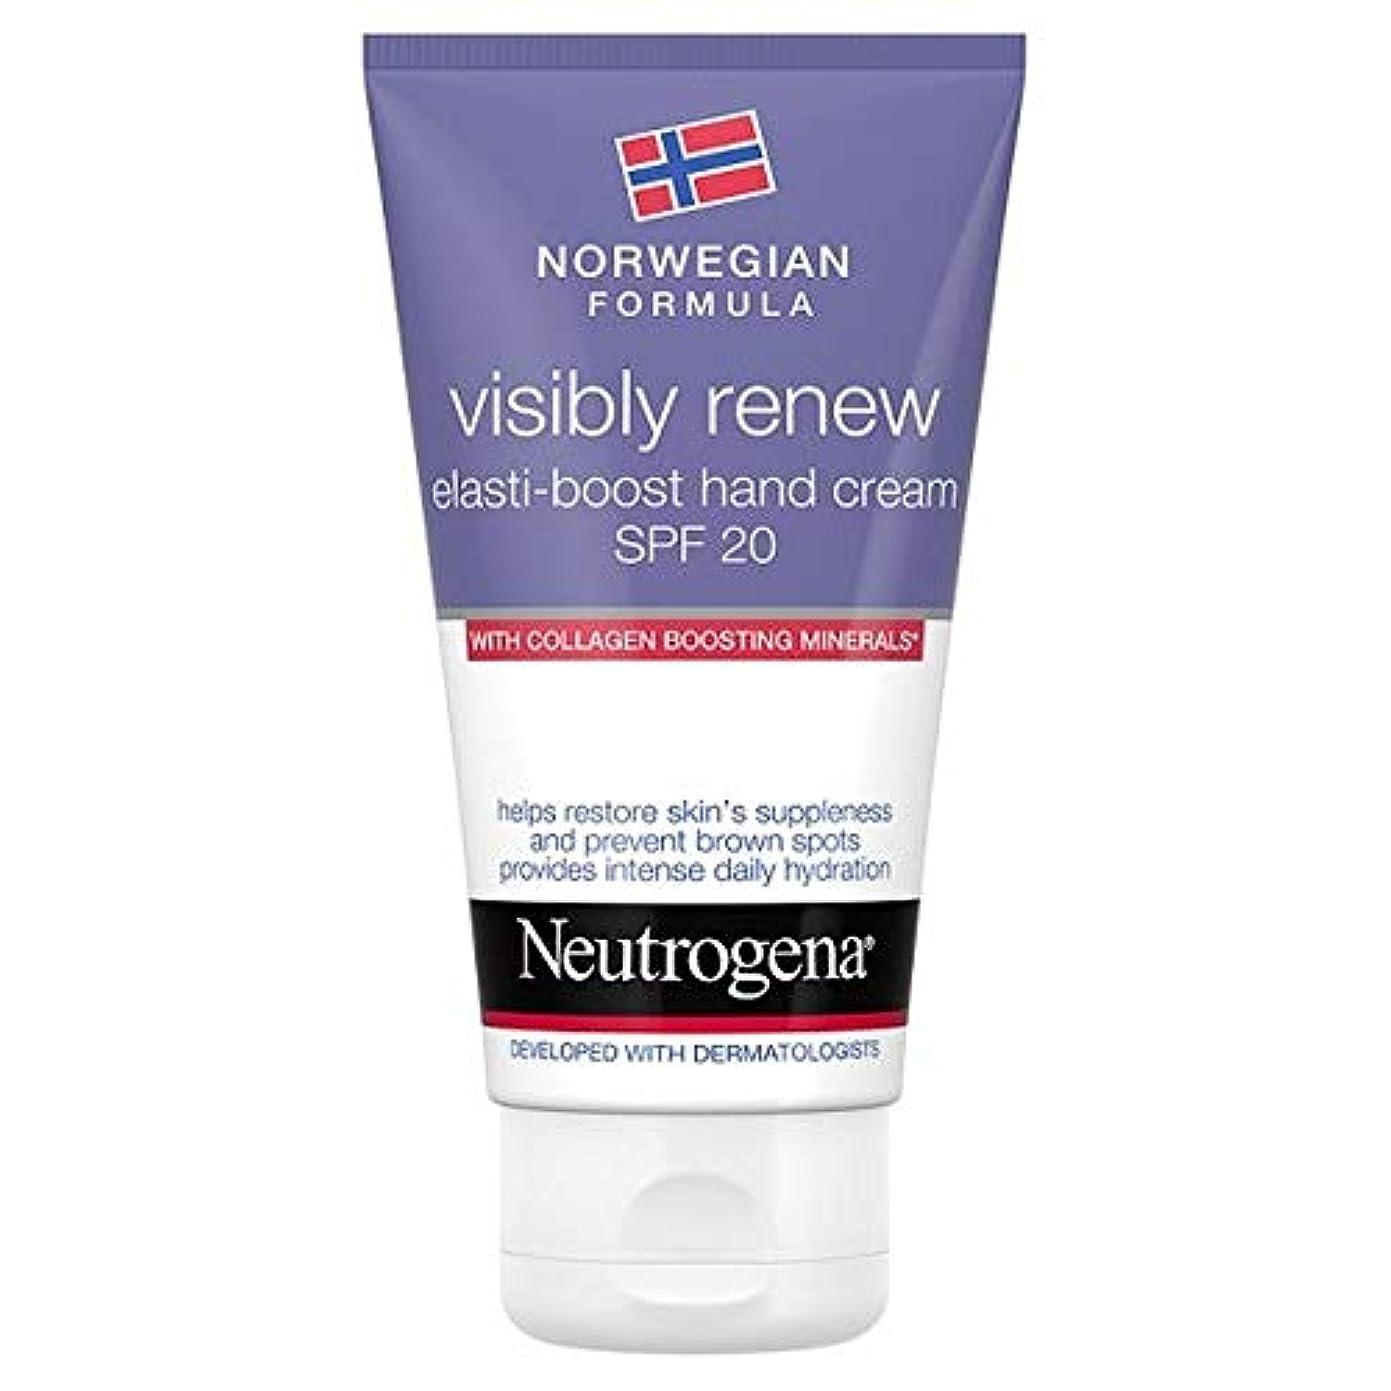 濃度ポスト印象派是正[Neutrogena] ニュートロジーナノルウェー式は目に見えてハンドクリームを75ミリリットルを更新します - Neutrogena Norwegian Formula Visibly Renew Hand Cream...